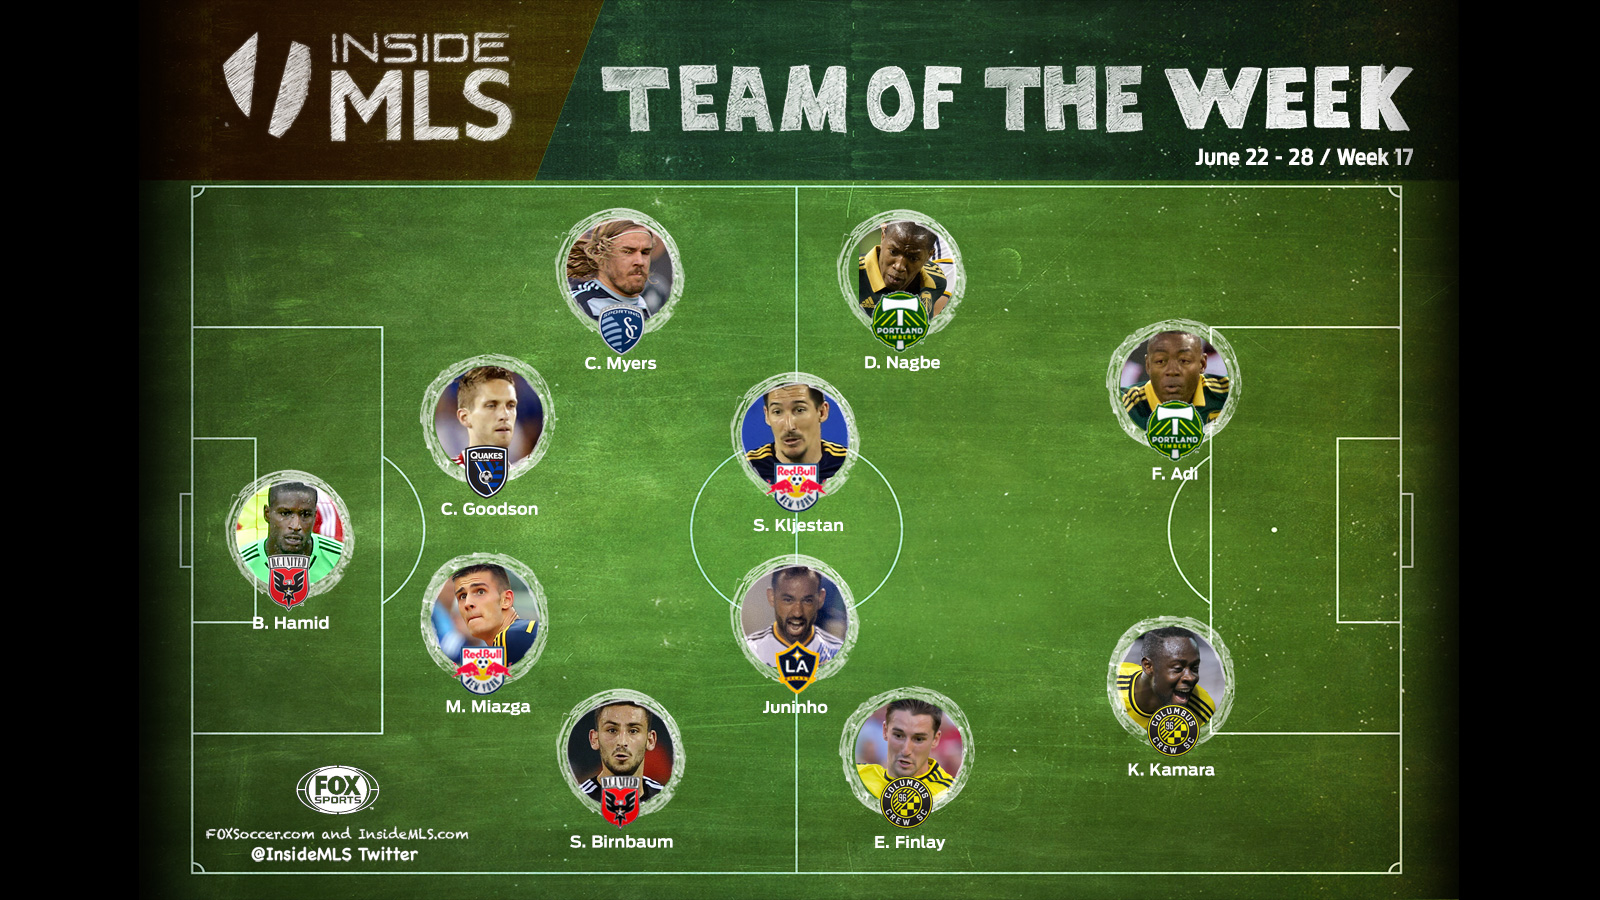 Inside MLS Team of the Week: Eastern Conference teams lead the way in Week 17